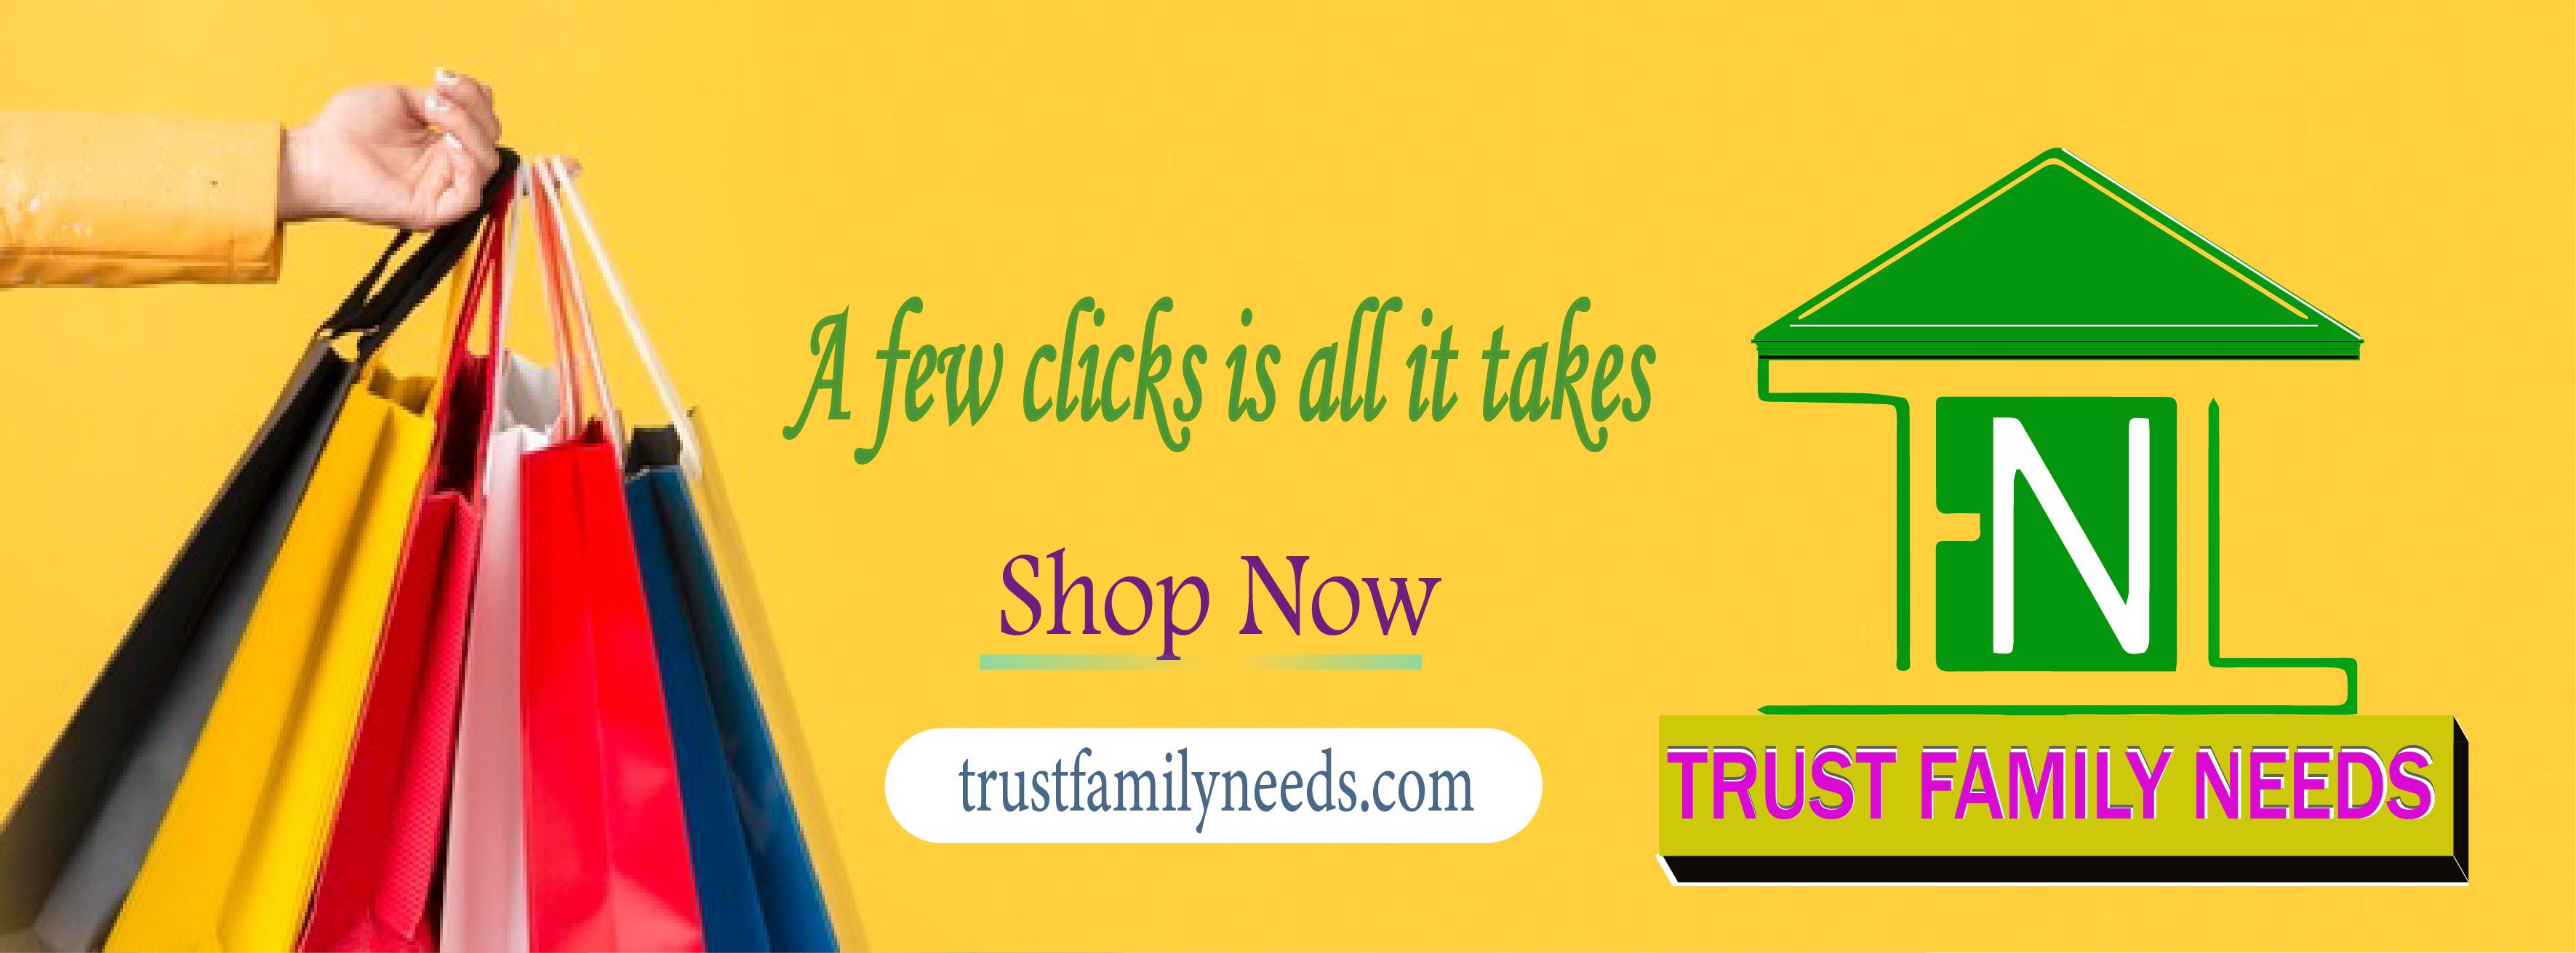 Trust Family Needs promo